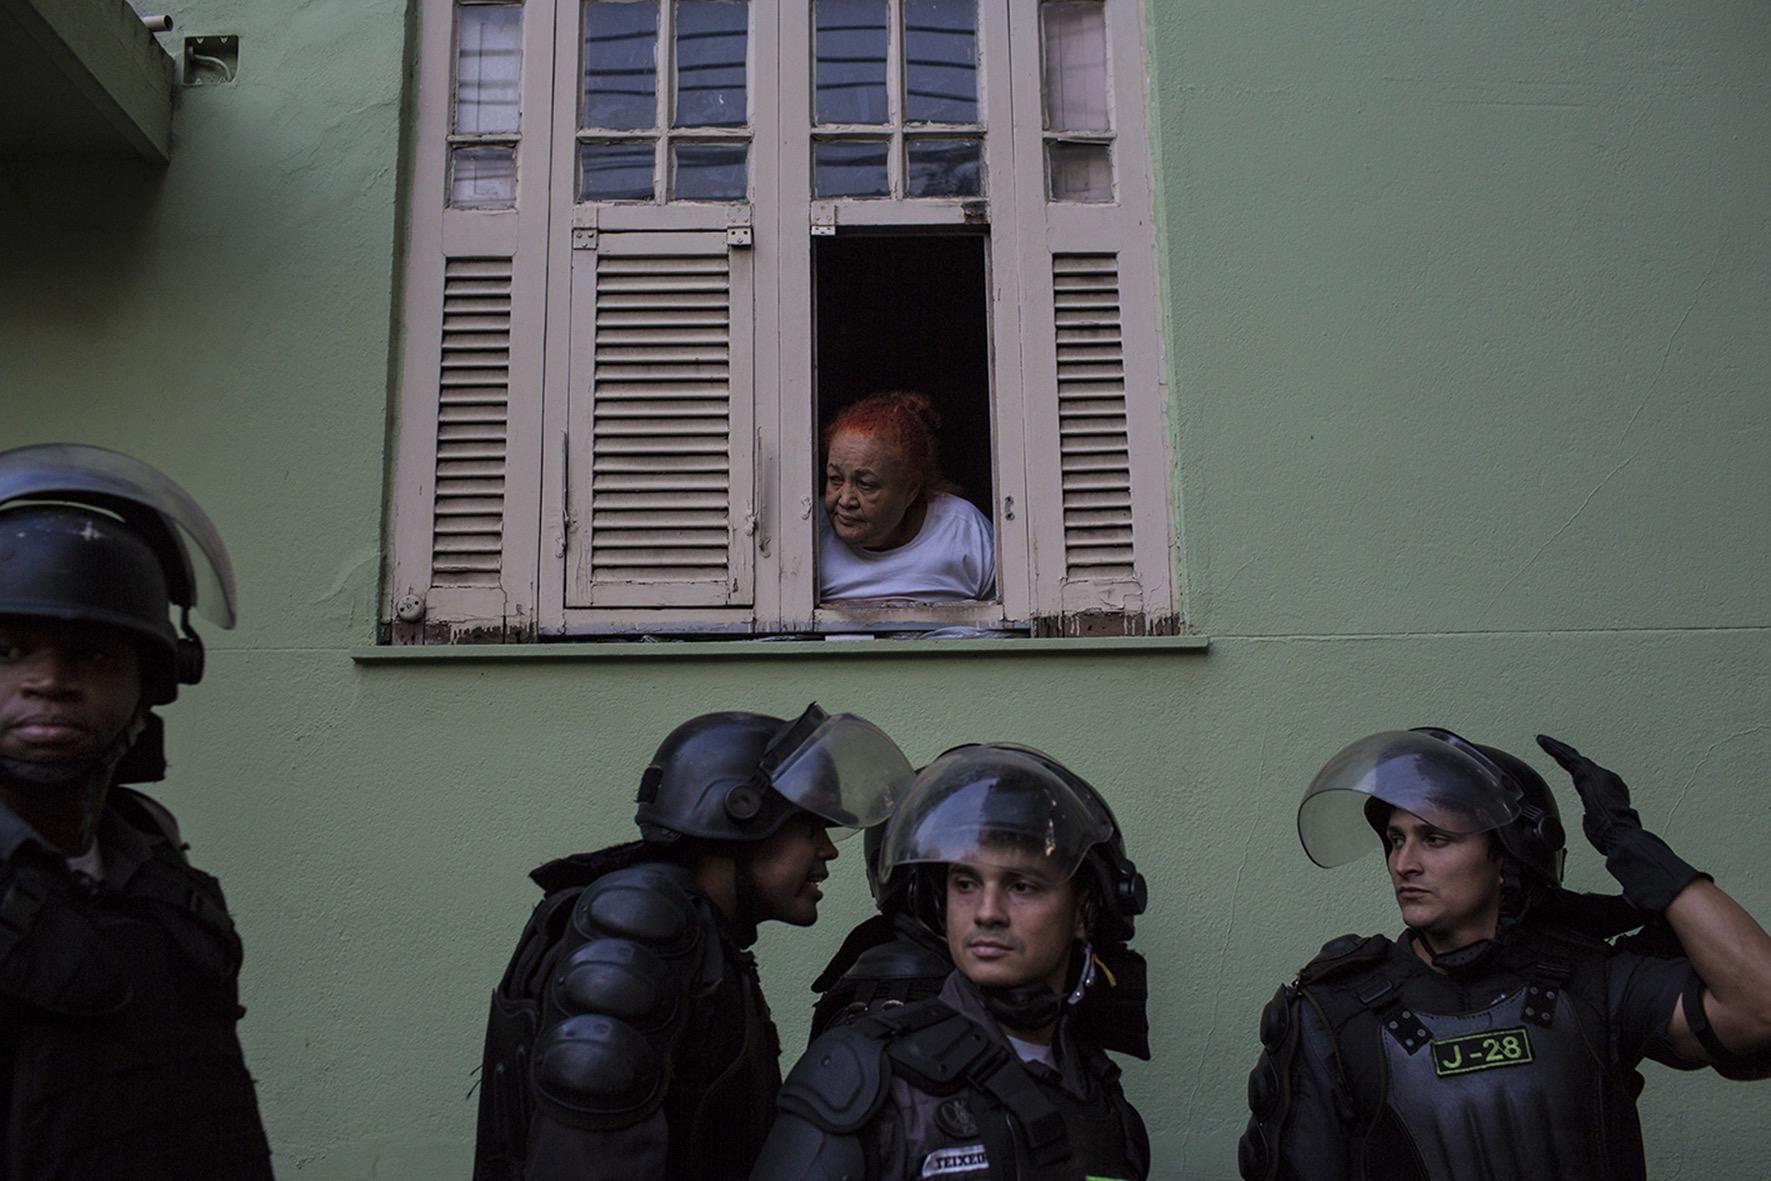 Em conjunto com o Laboratório de Análise da Violência, da UFRJ, a polícia do Rio elaborou um índice esperado de consumo de munição para controlar a quantidade de disparos efetuados pelos agentes. Foto: Alejandro Olivares/Agência Pública